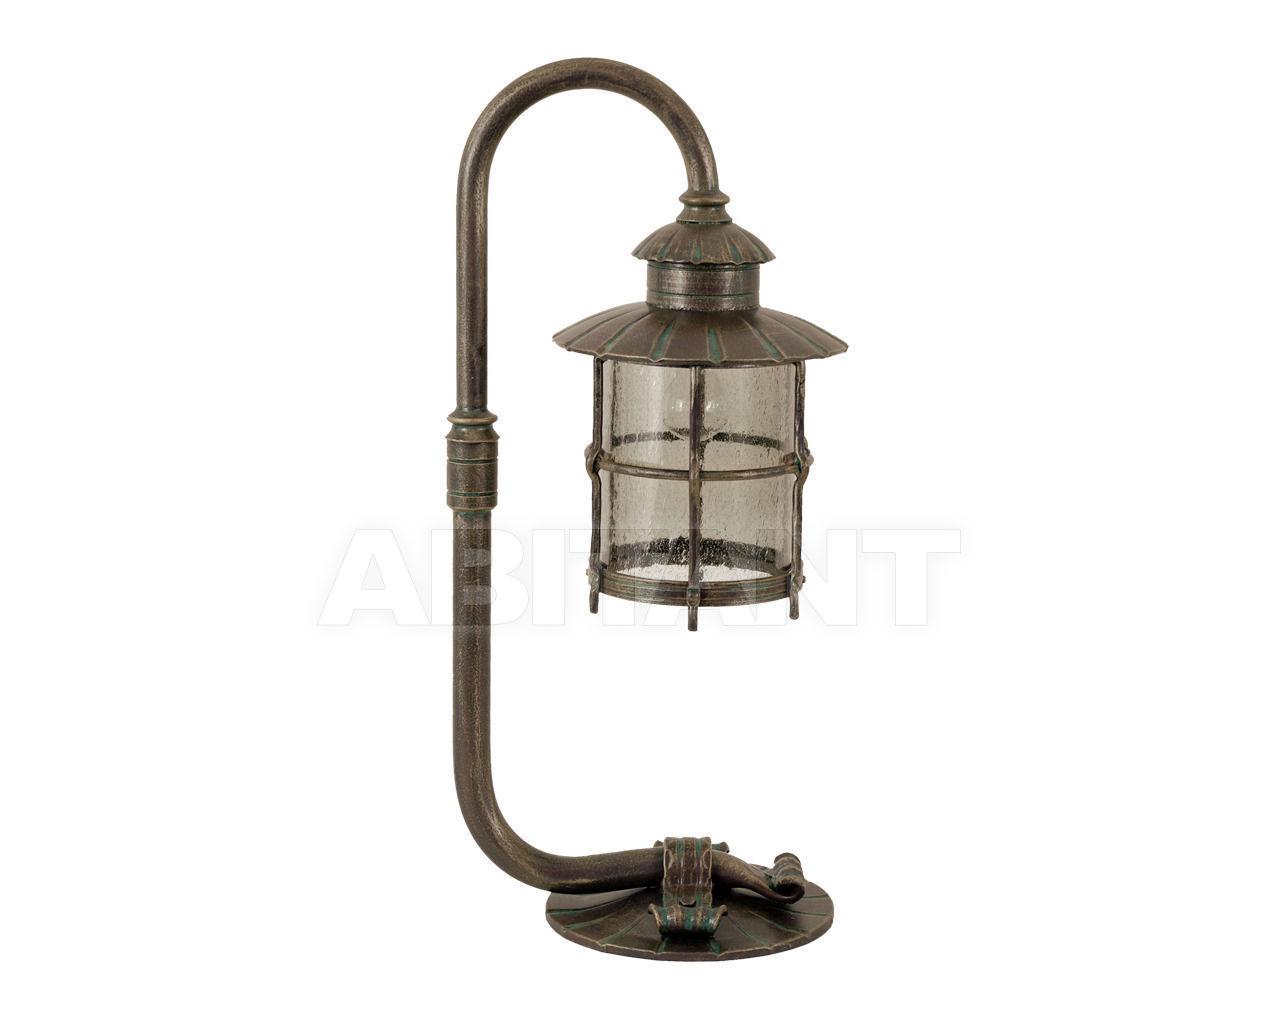 Купить Садовый светильник FMB Leuchten Schmiedeeisen Lampen Und Leuchten 90414